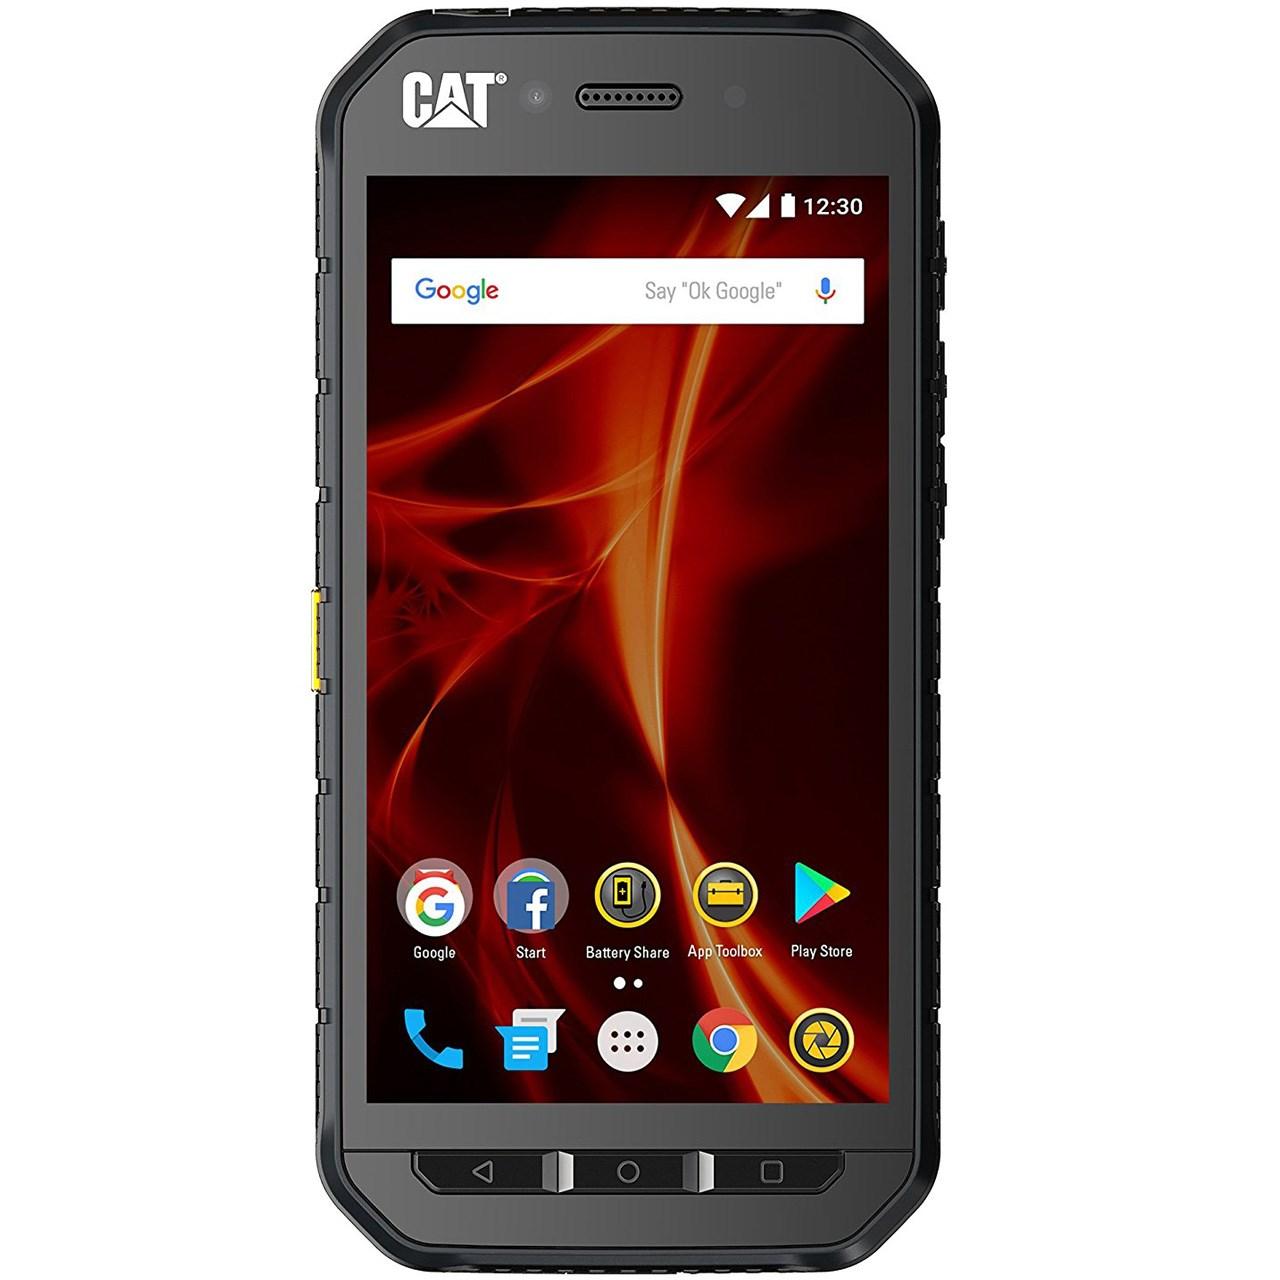 گوشی موبایل کاترپیلار مدل S41 دو سیم کارت